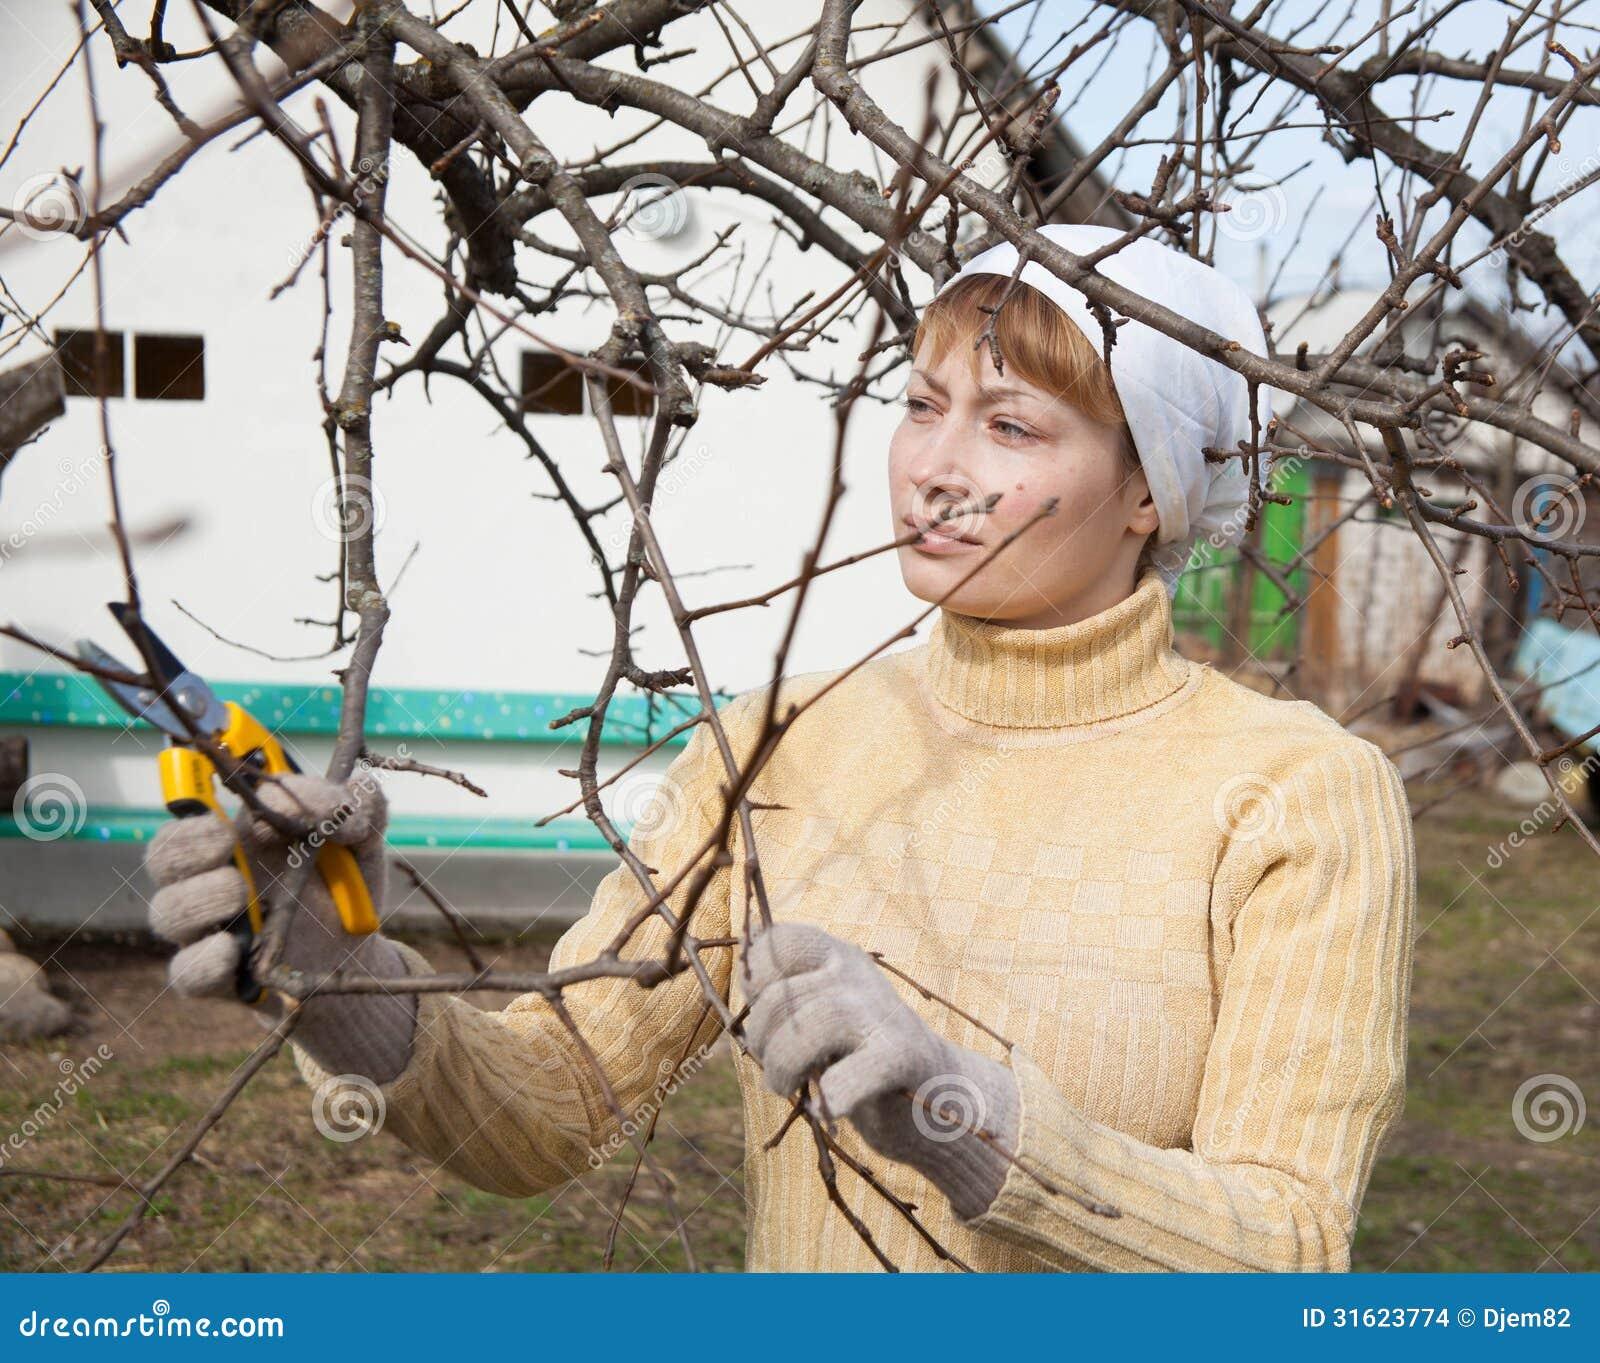 Jardinero que hace el trabajo de mantenimiento imagenes de for Trabajo jardinero